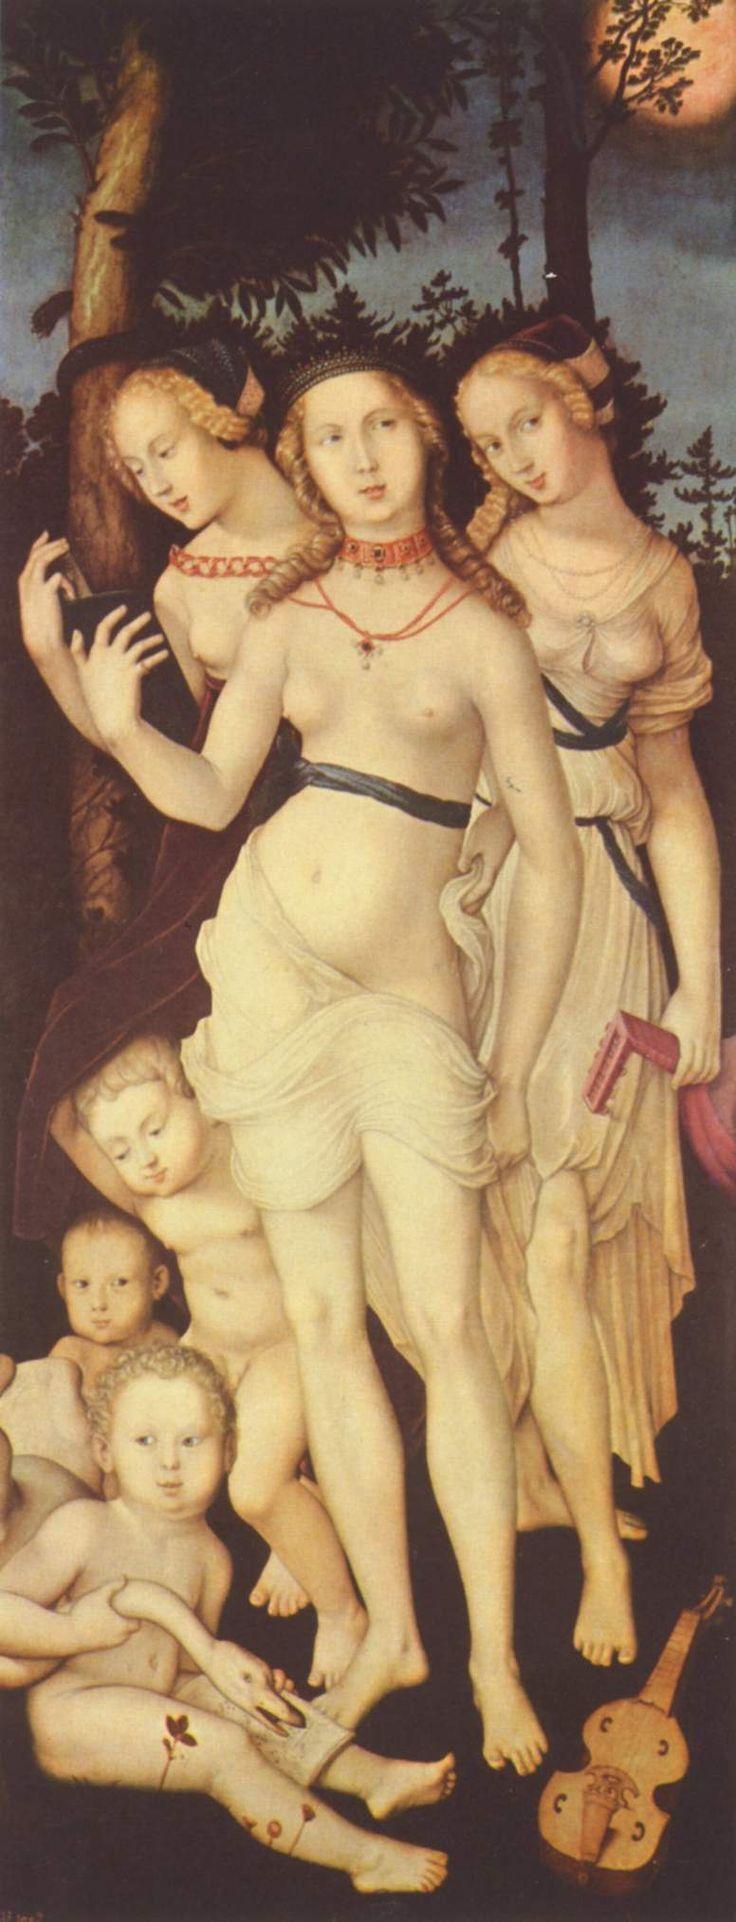 """37. harmony-or-the-three-graces-. En el grupo de dos tablas de Baldung en el Museo del Prado identificadas como """"las edades y la muerte"""" y """"las tres gracias"""" (o la armonía) compone un conjunto temático de carácter moralizante sobre la brevedad de la vida y los placeres mundanos que modifica el desnudo italiano tanto por encuadrarlo en un horizonte de significado diferente, como por el uso de unos cánones de proporciones diferentes."""